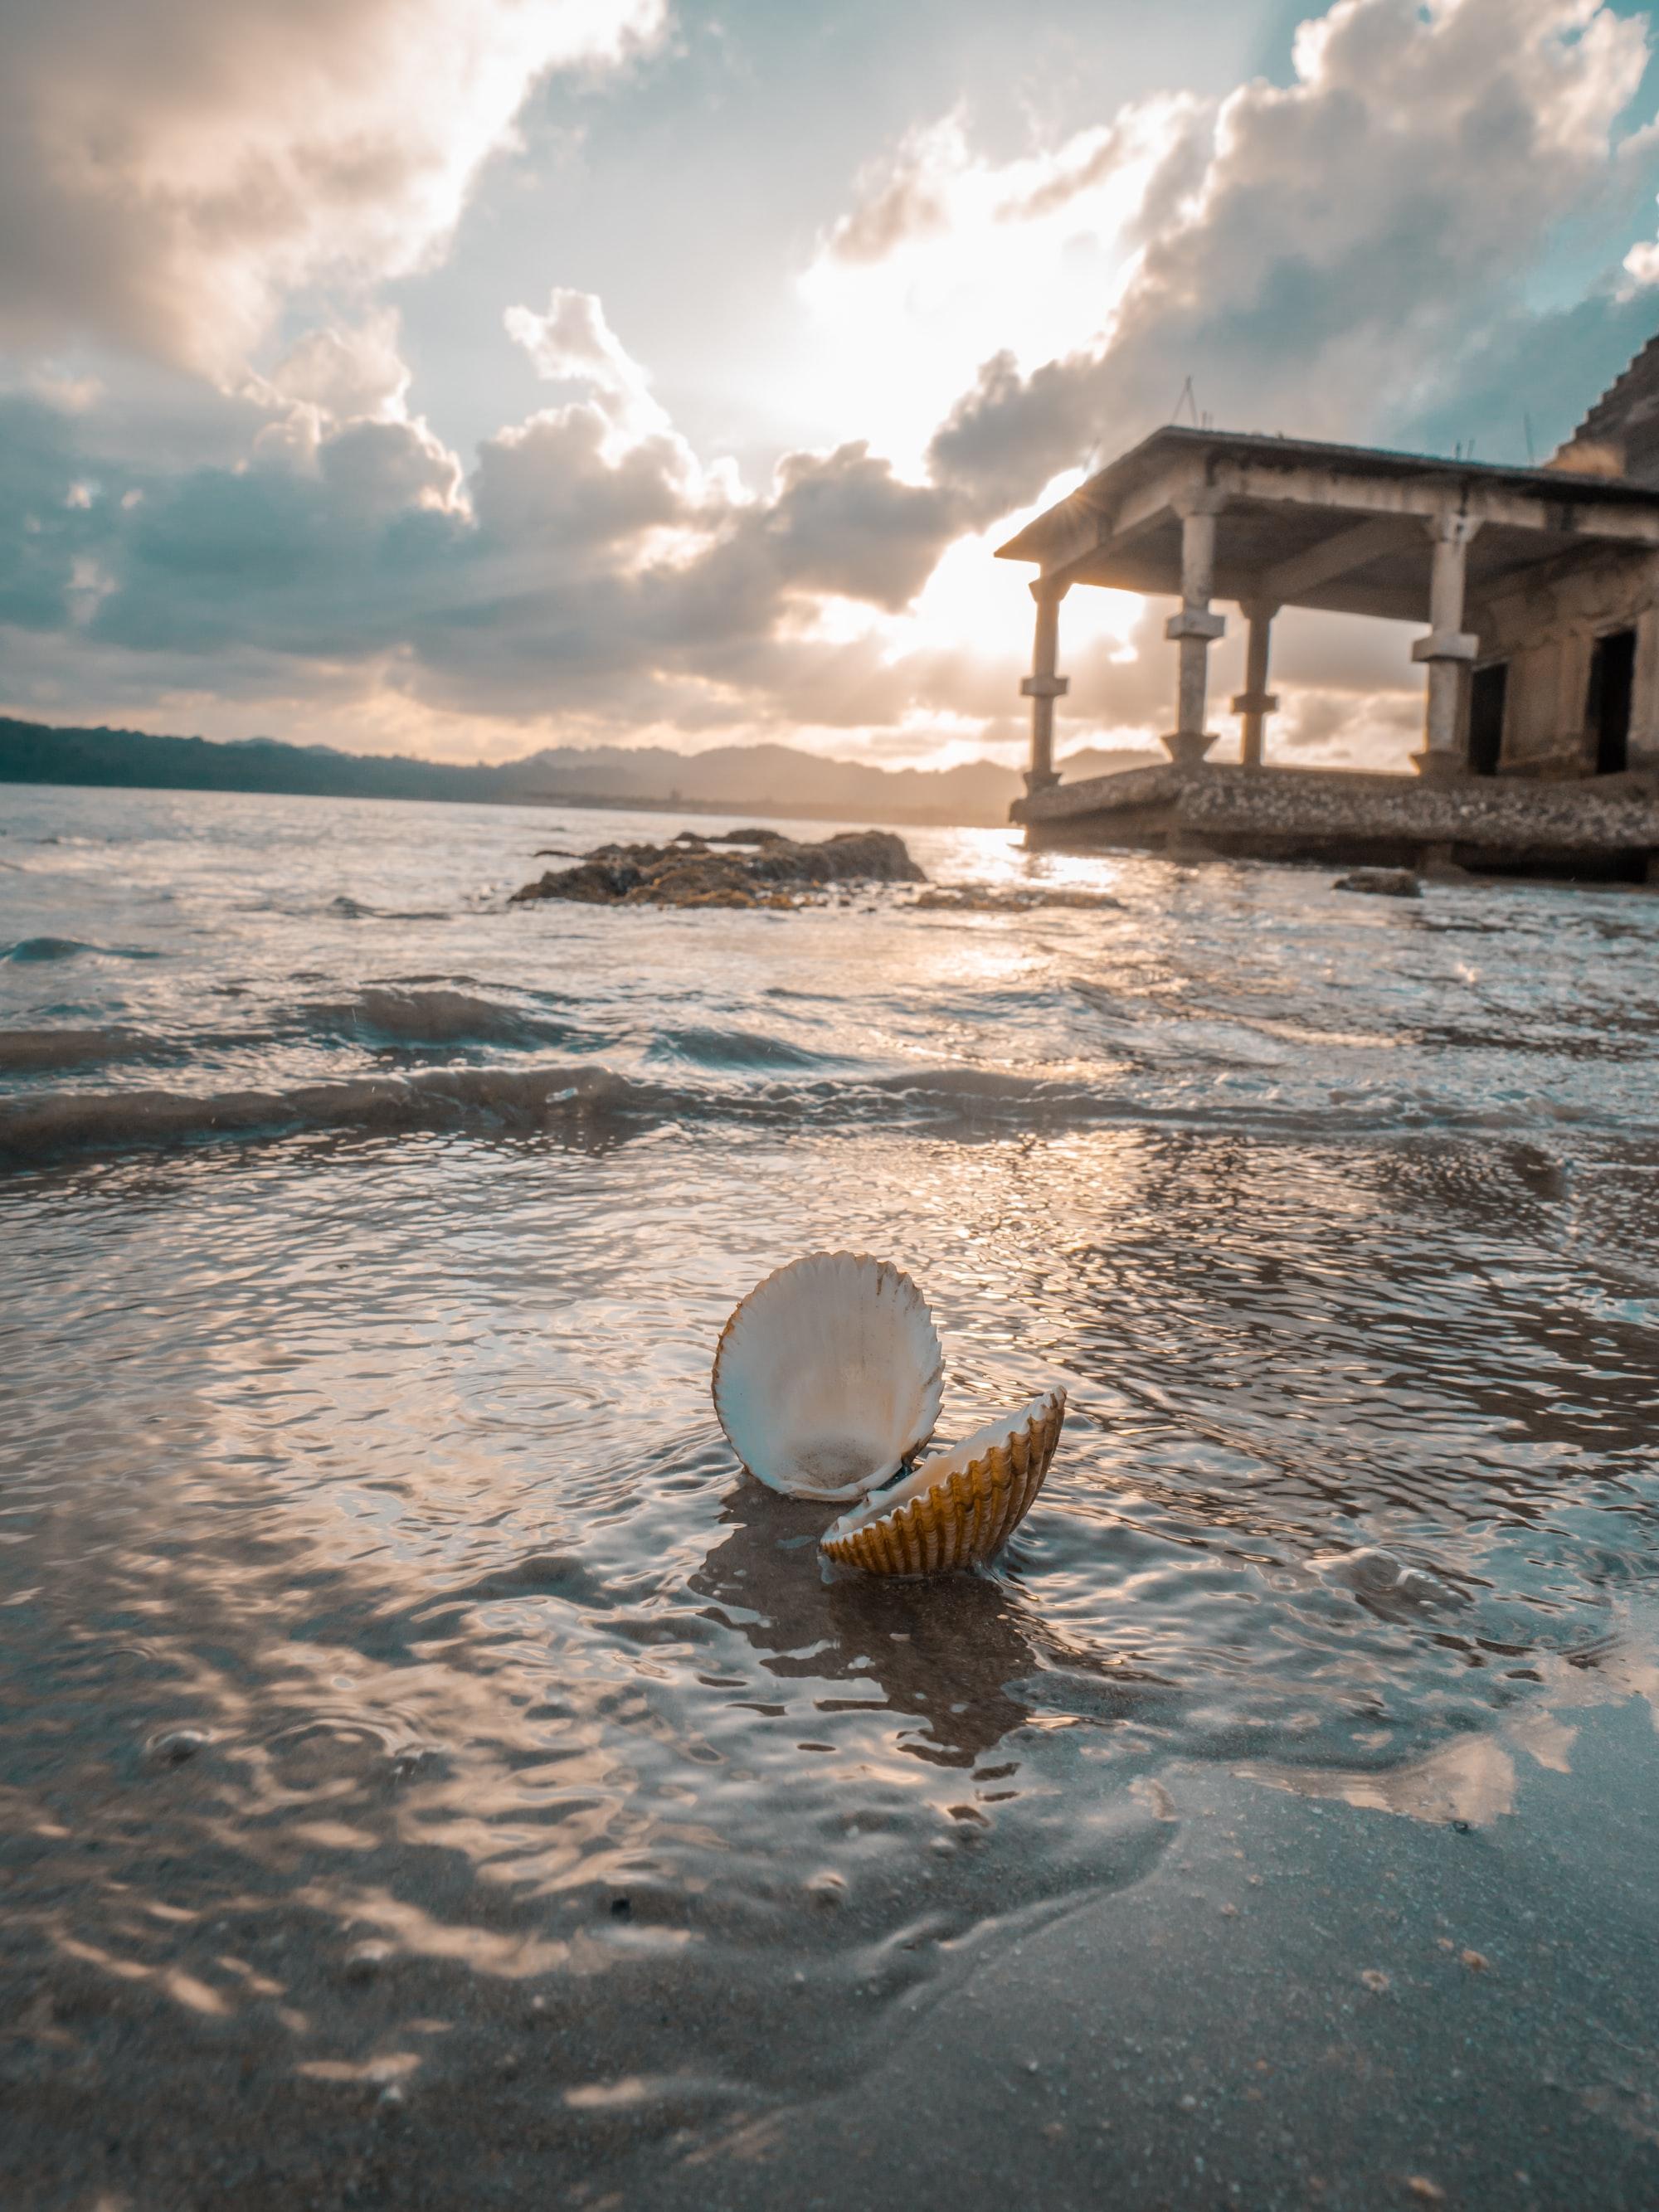 Tsunami ruins